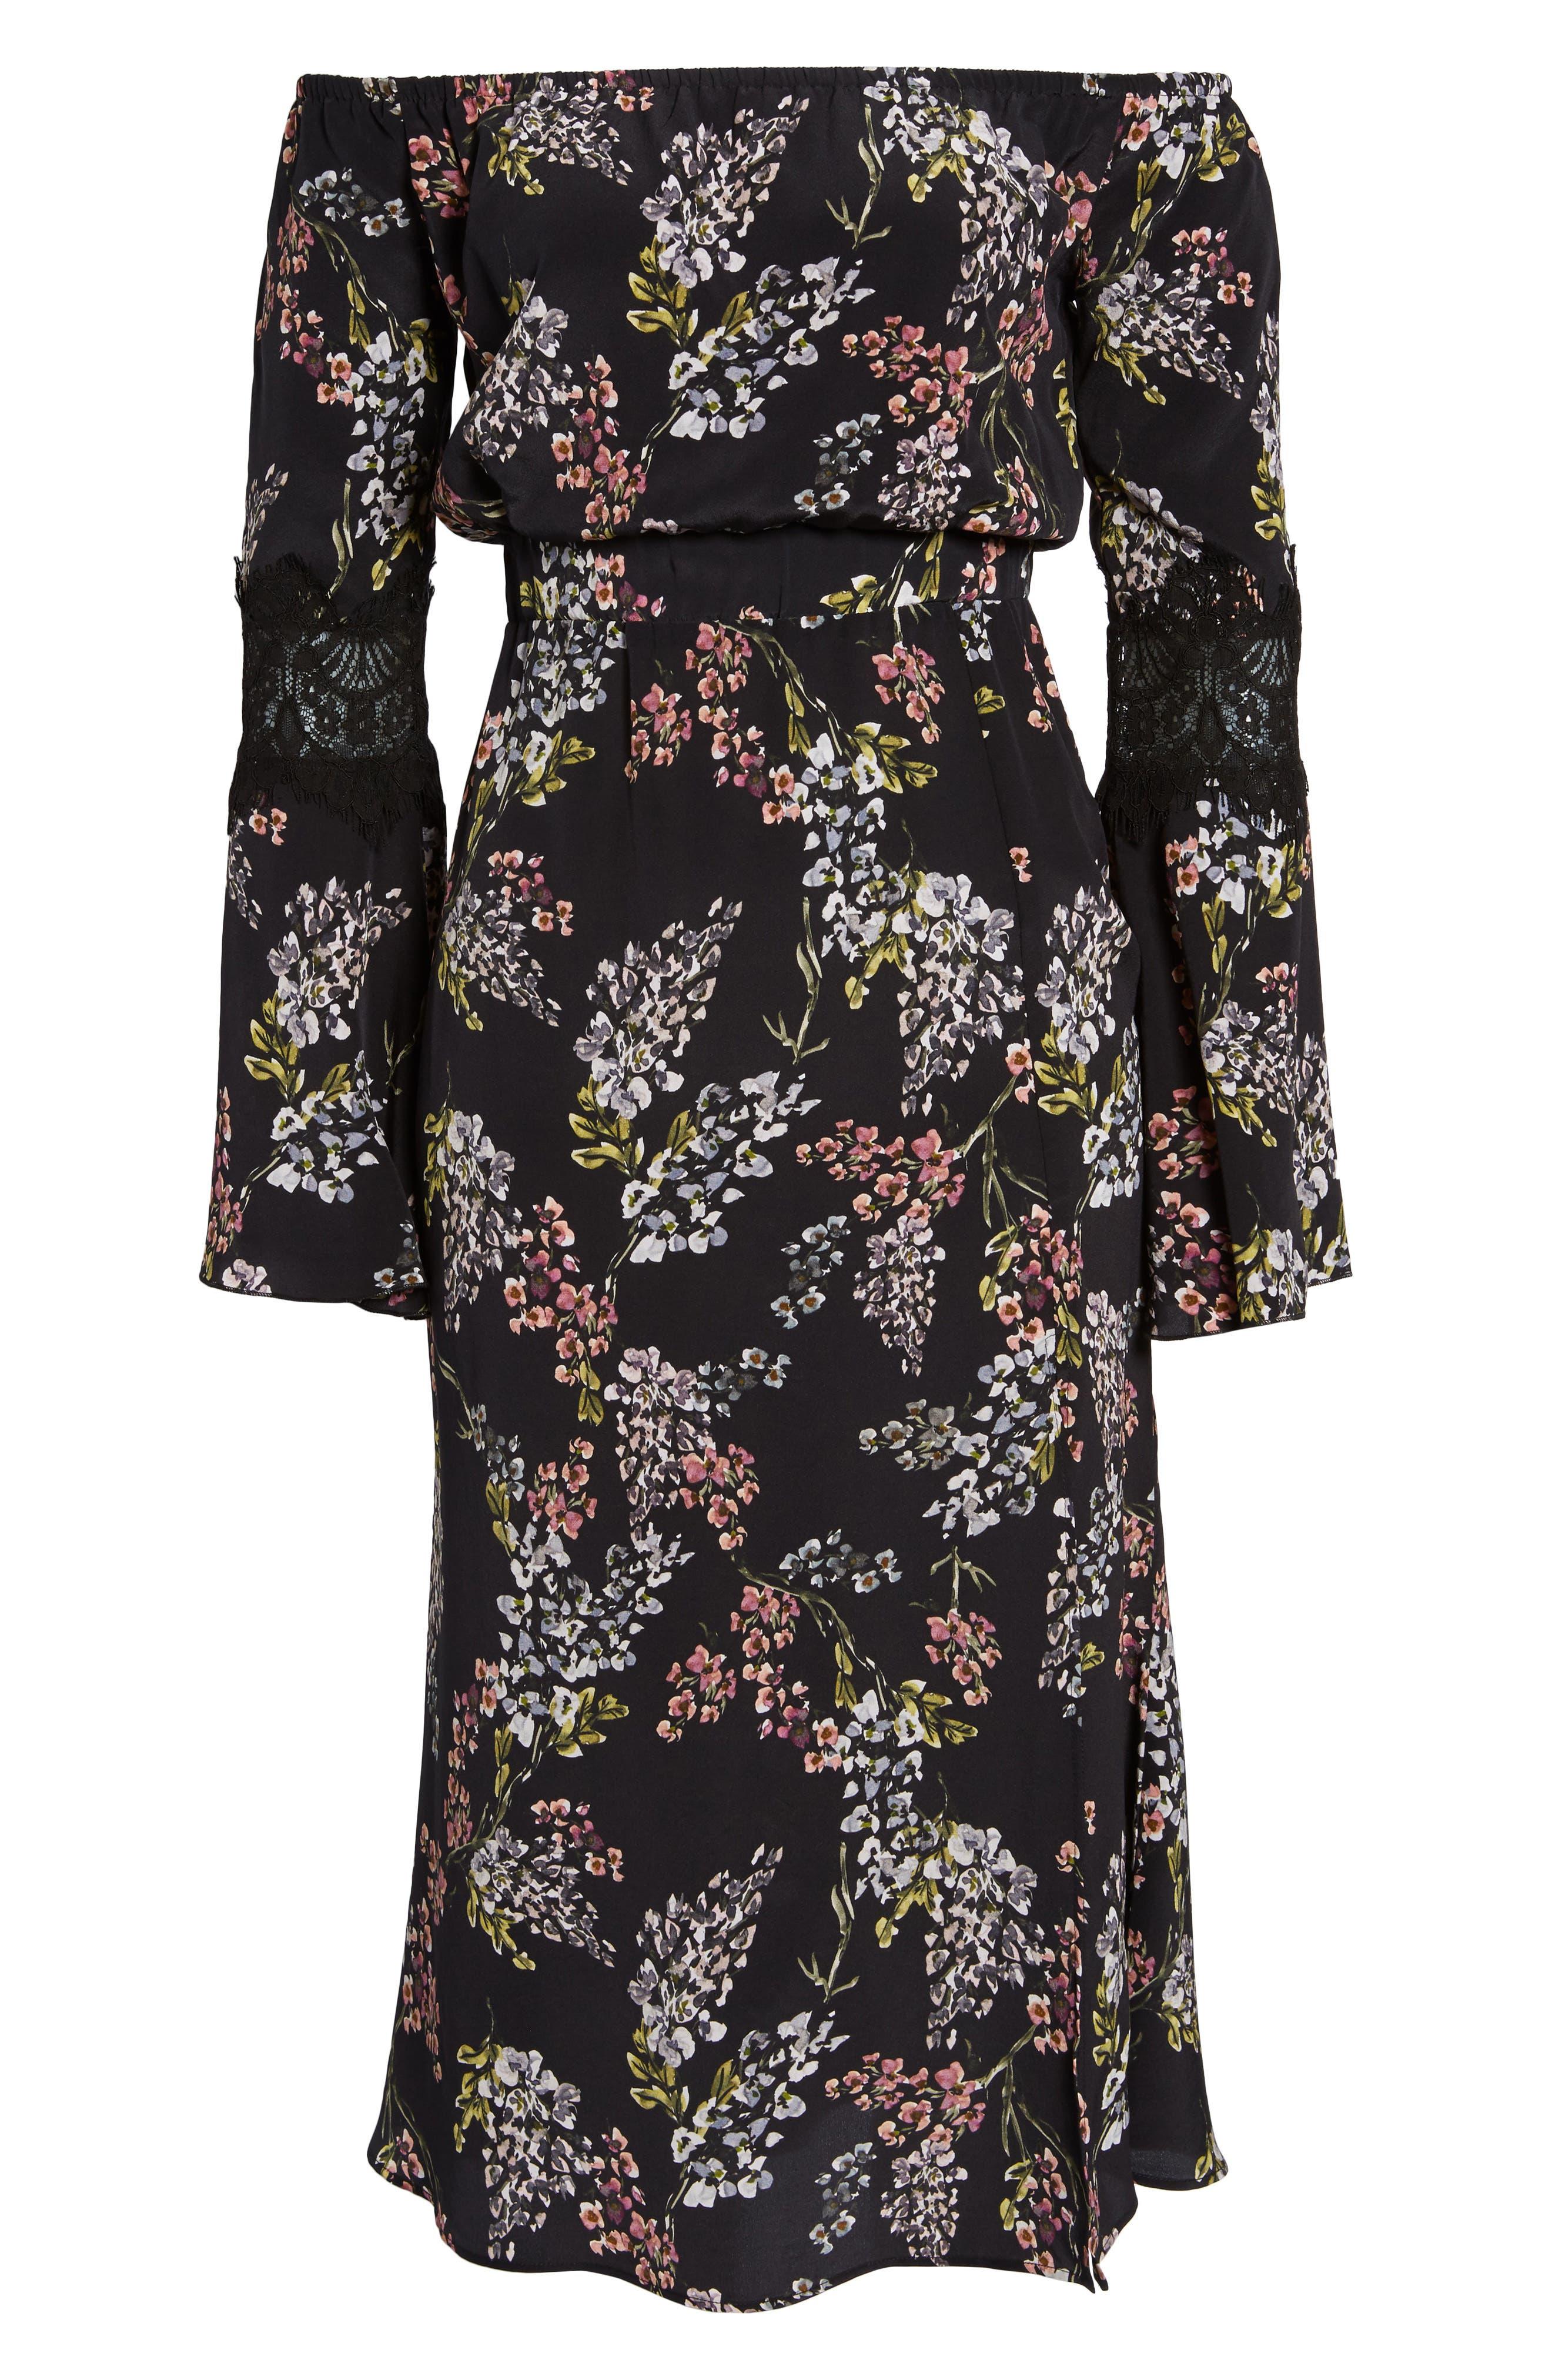 Nicholson Off the Shoulder Dress,                             Alternate thumbnail 6, color,                             Black Autumn